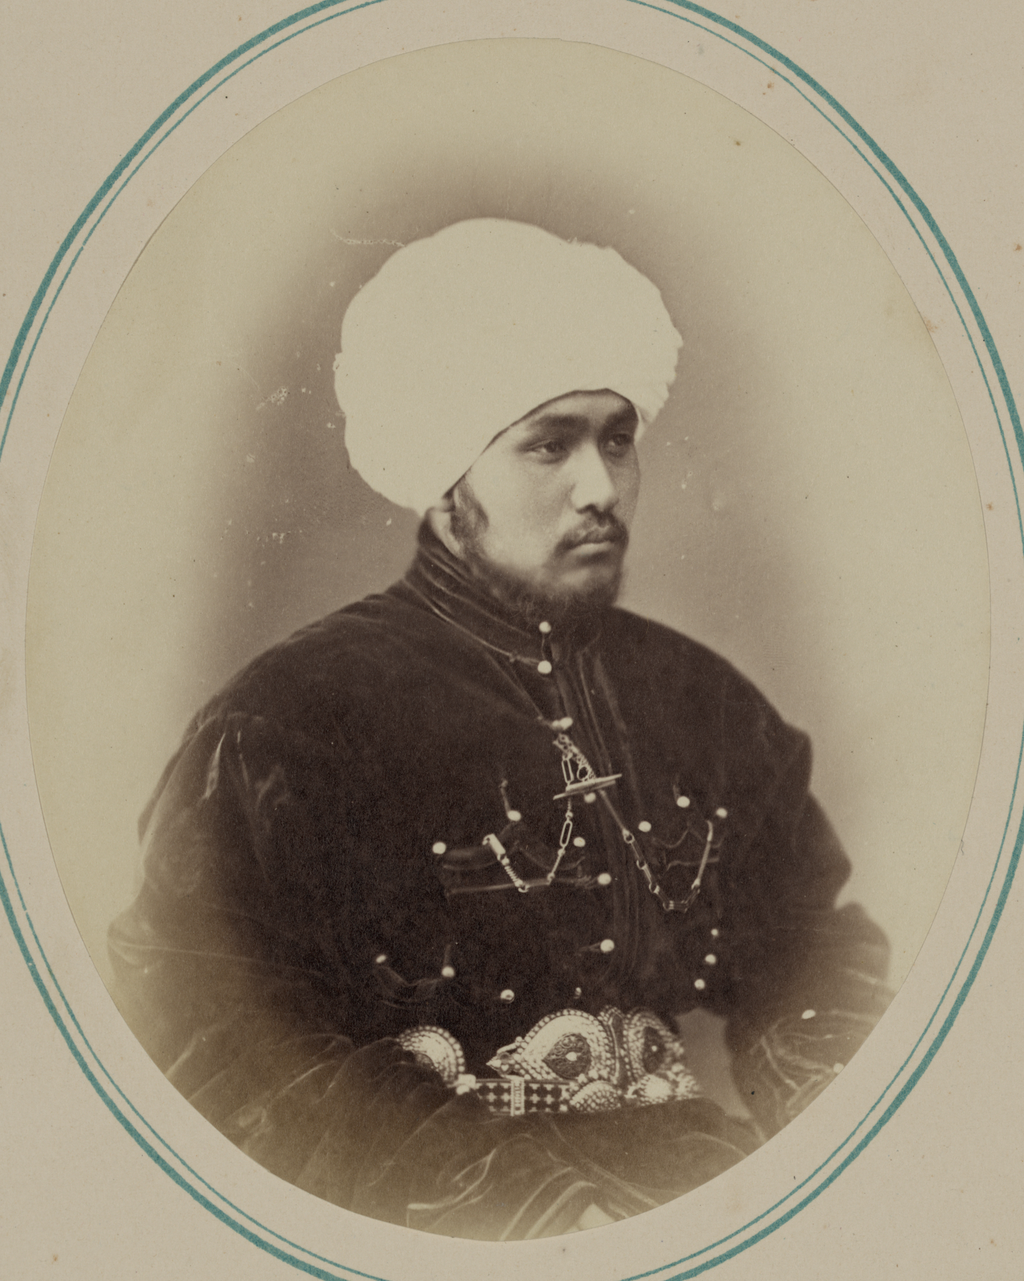 Сеид Мухамед Насреддин бек (старший сын кокандского хана)